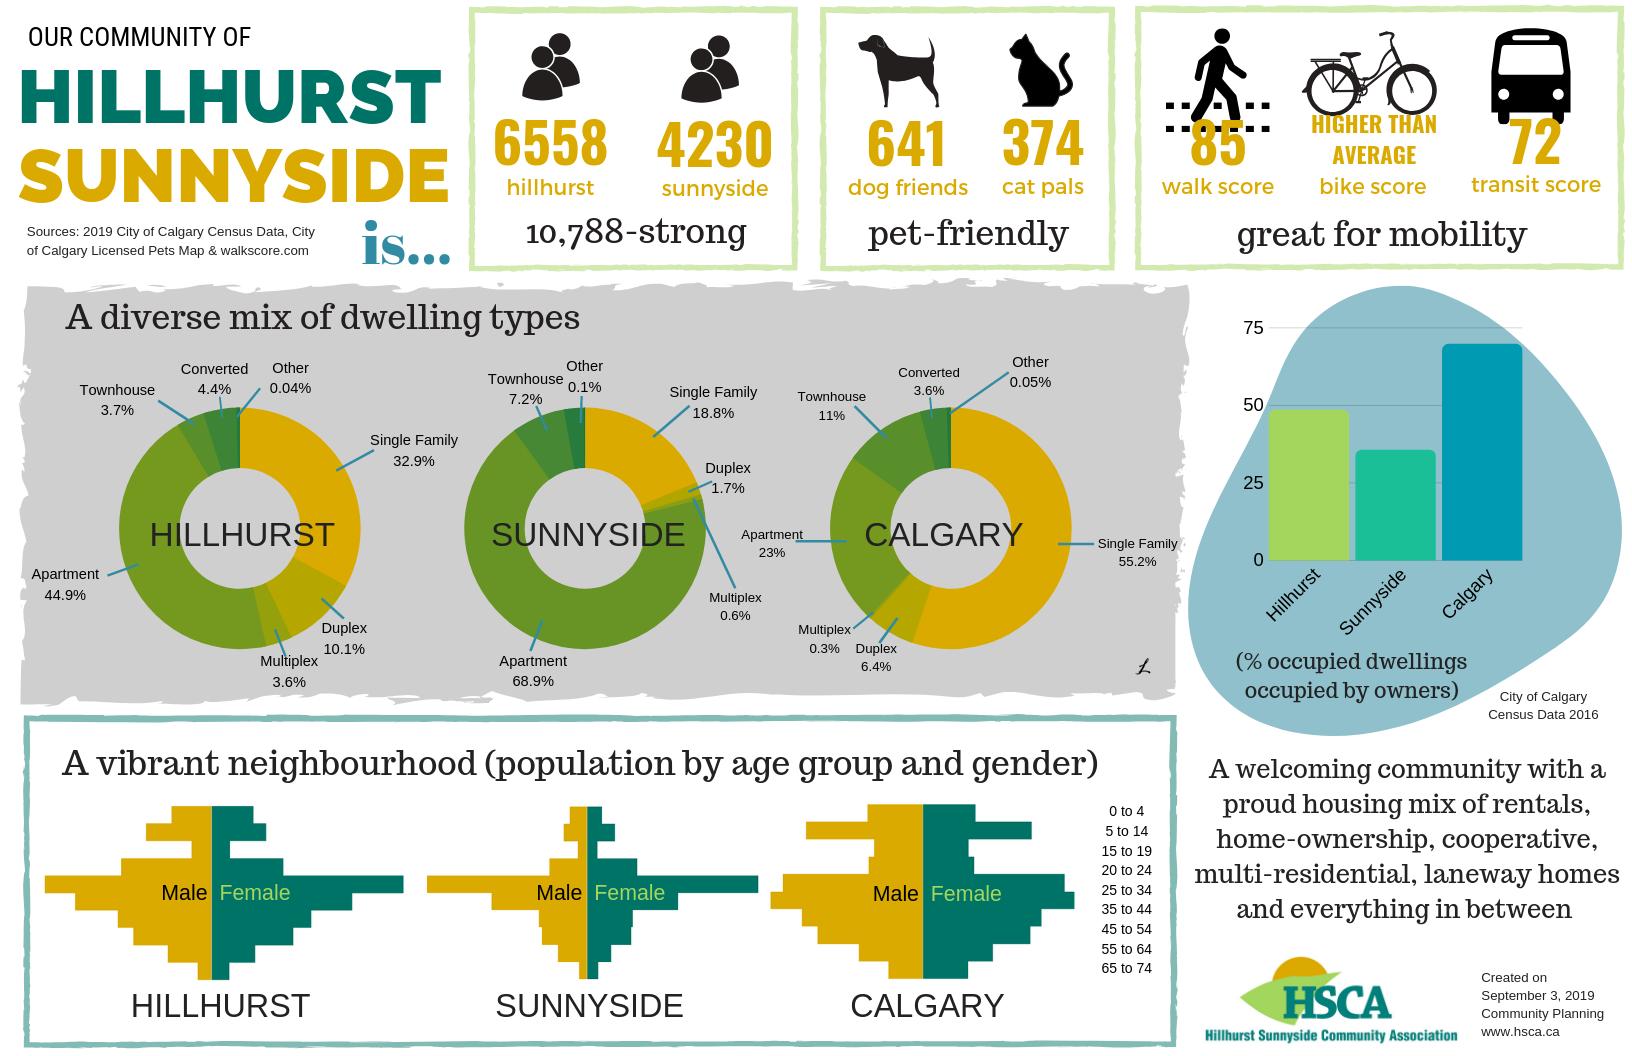 Hillhurst Sunnyside Factsheet | September 3, 2019